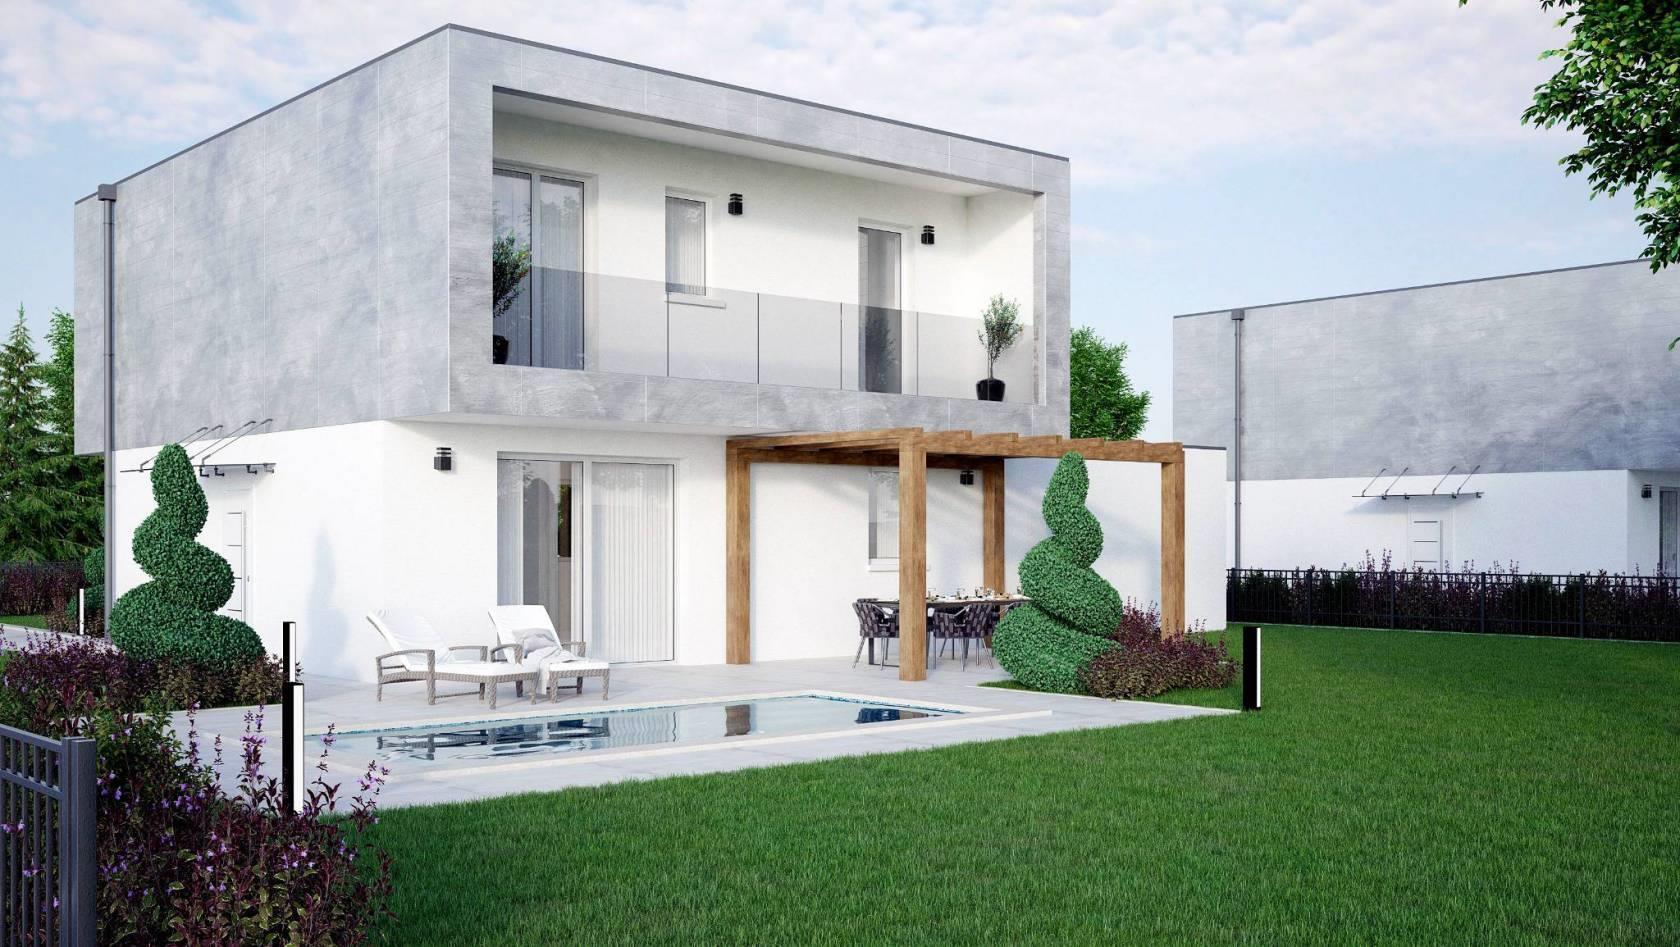 Foto 3 - Villa in Vendita - Usmate Velate (Monza e Brianza)